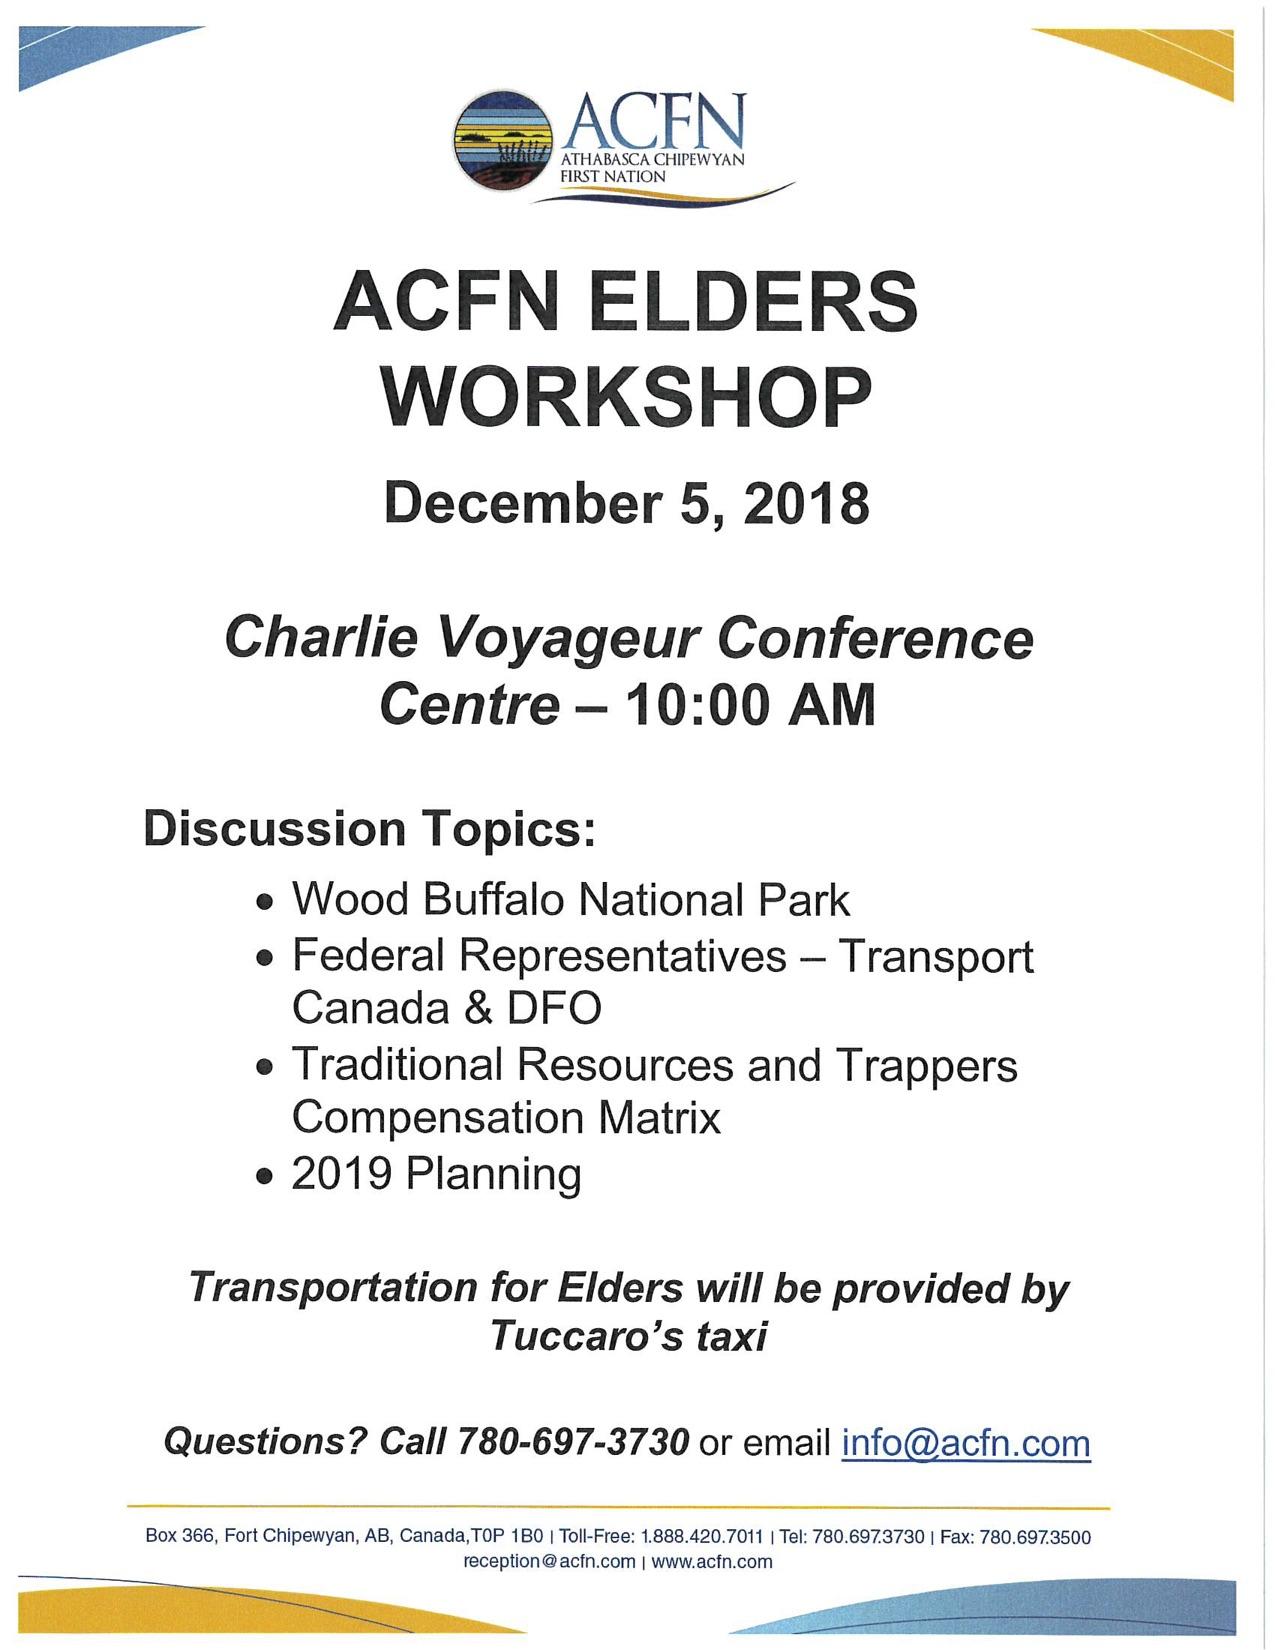 Elders Workshop in Fort Chipewyan - December 5, 2018